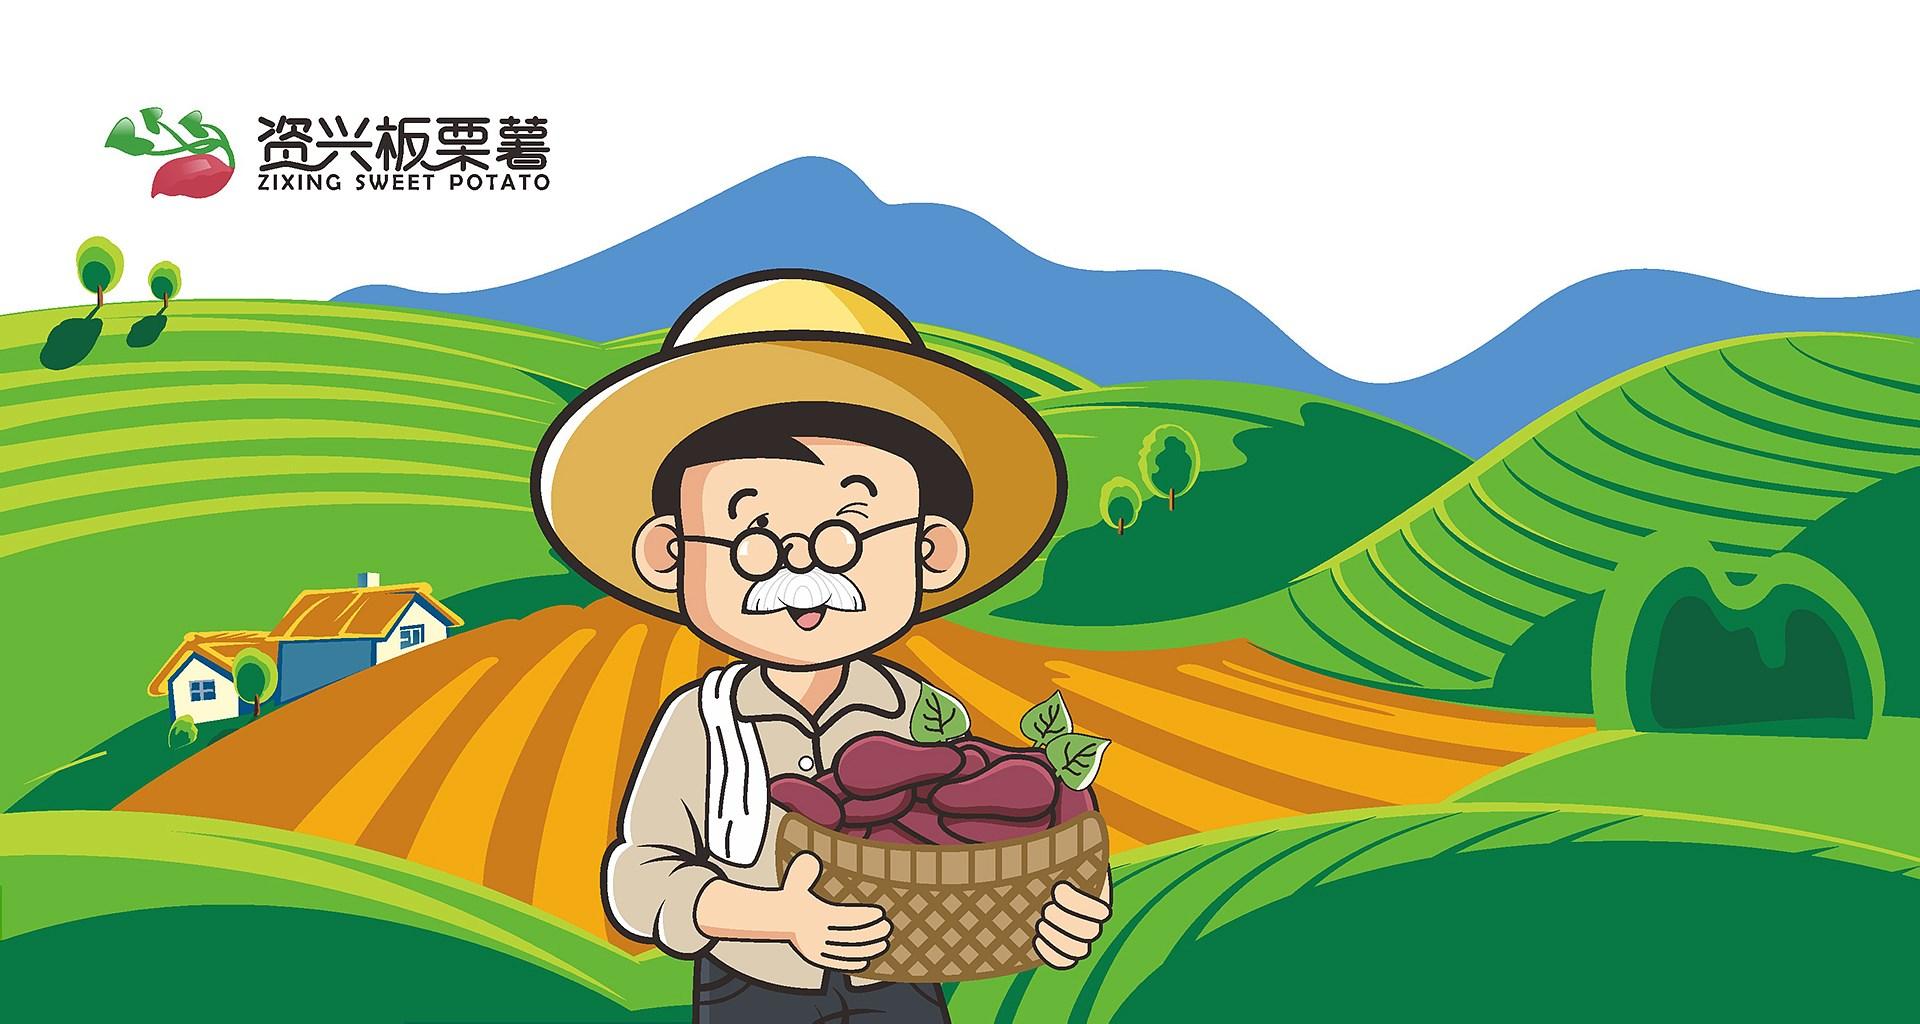 资兴板栗薯新万博竞彩app苹果下载万博manbetx手机版苹果下载_0009.JPG